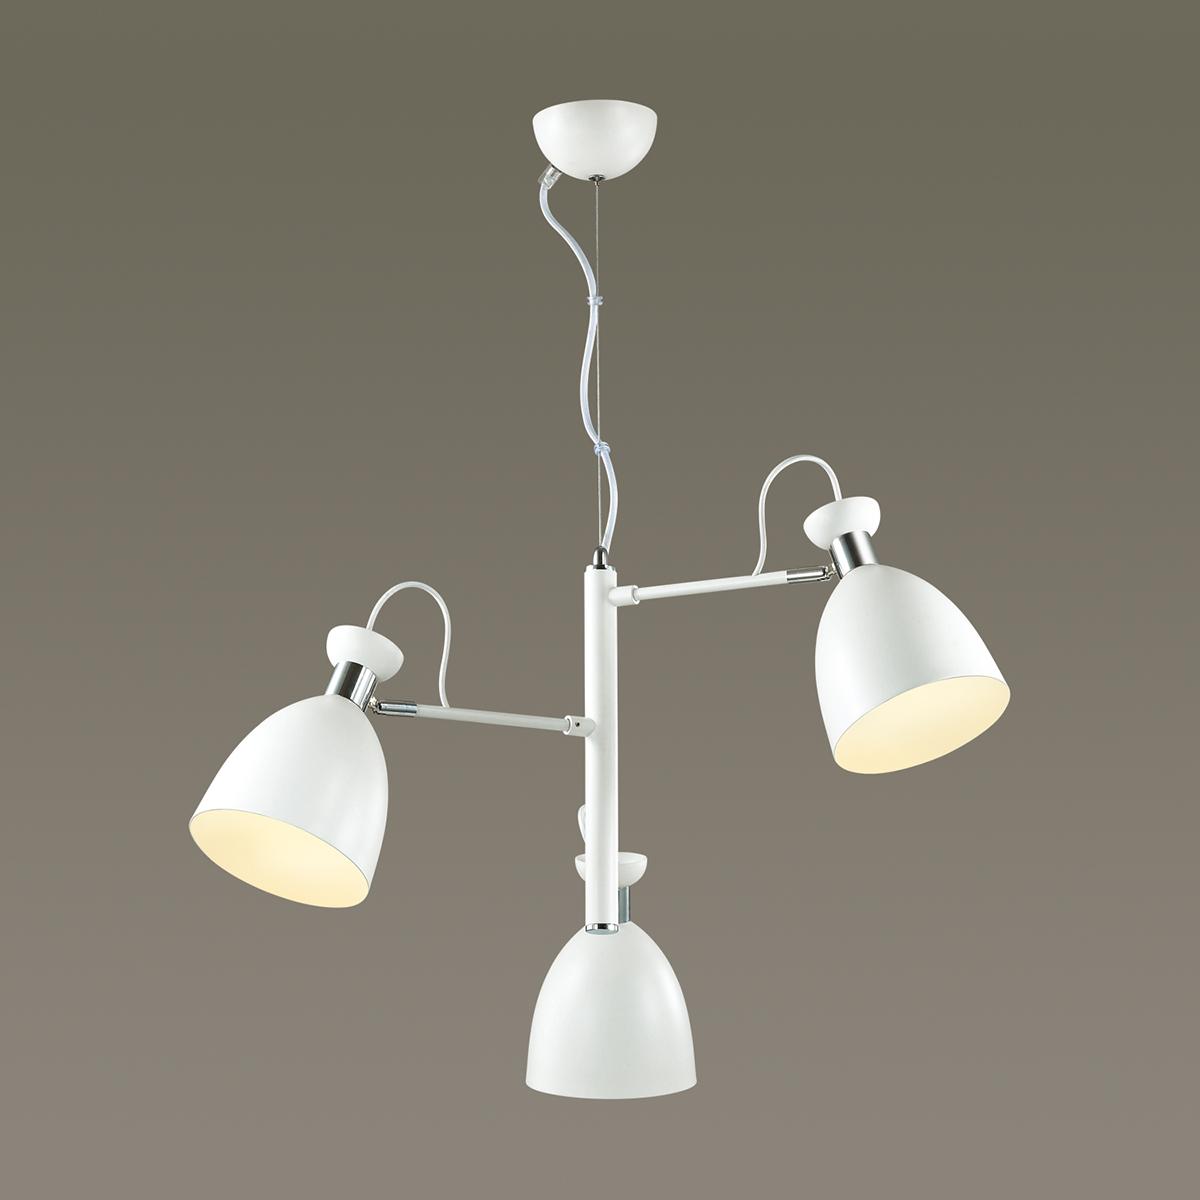 Подвесная люстра с регулировкой направления света Lumion Kizzy 3734/3, 3xE27x60W, белый, хром, металл - фото 3